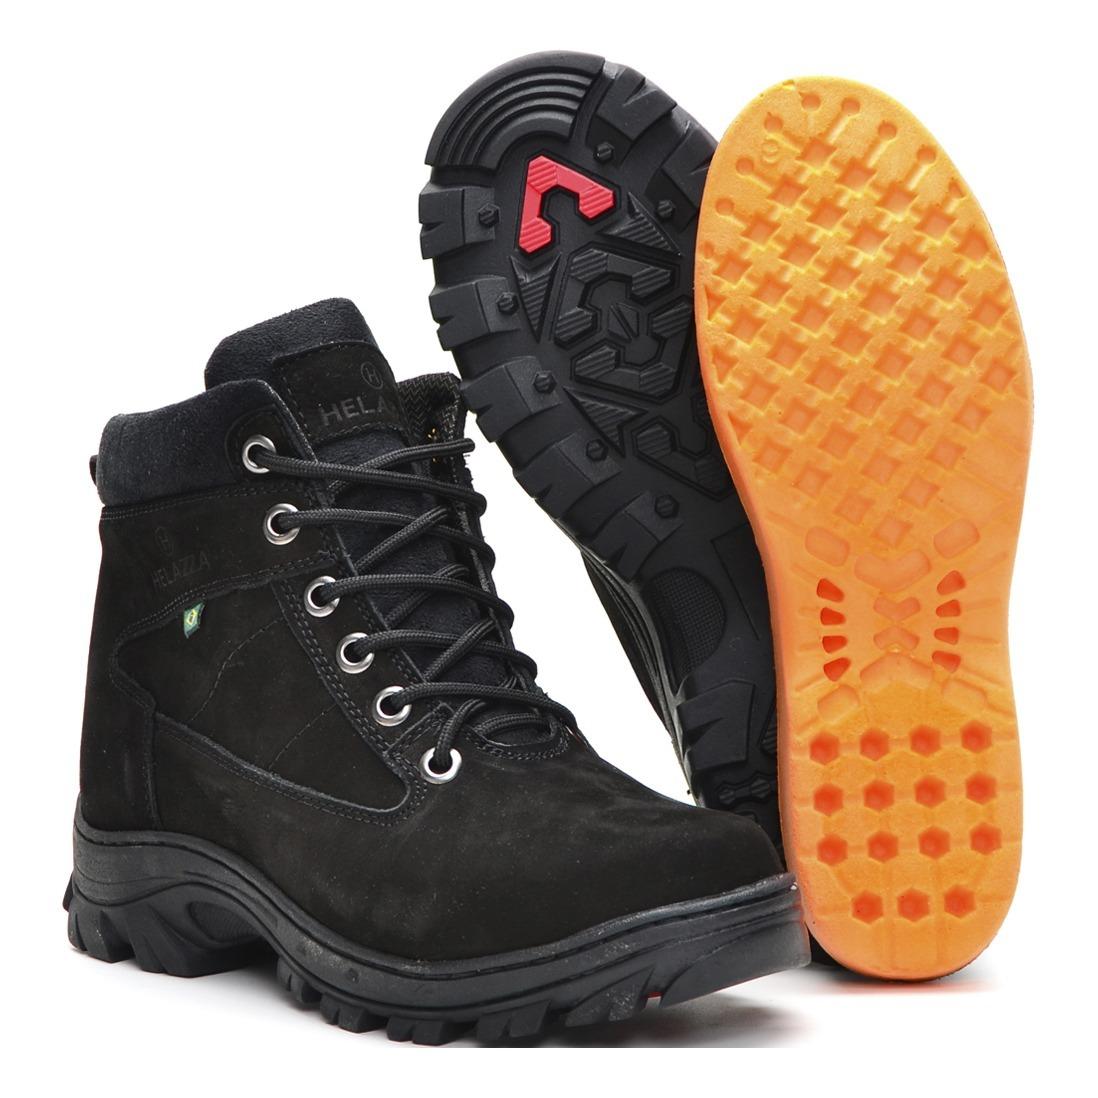 56d6cff018c43 bota masculina casual cano curto couro preta e marrom r500. Carregando zoom.